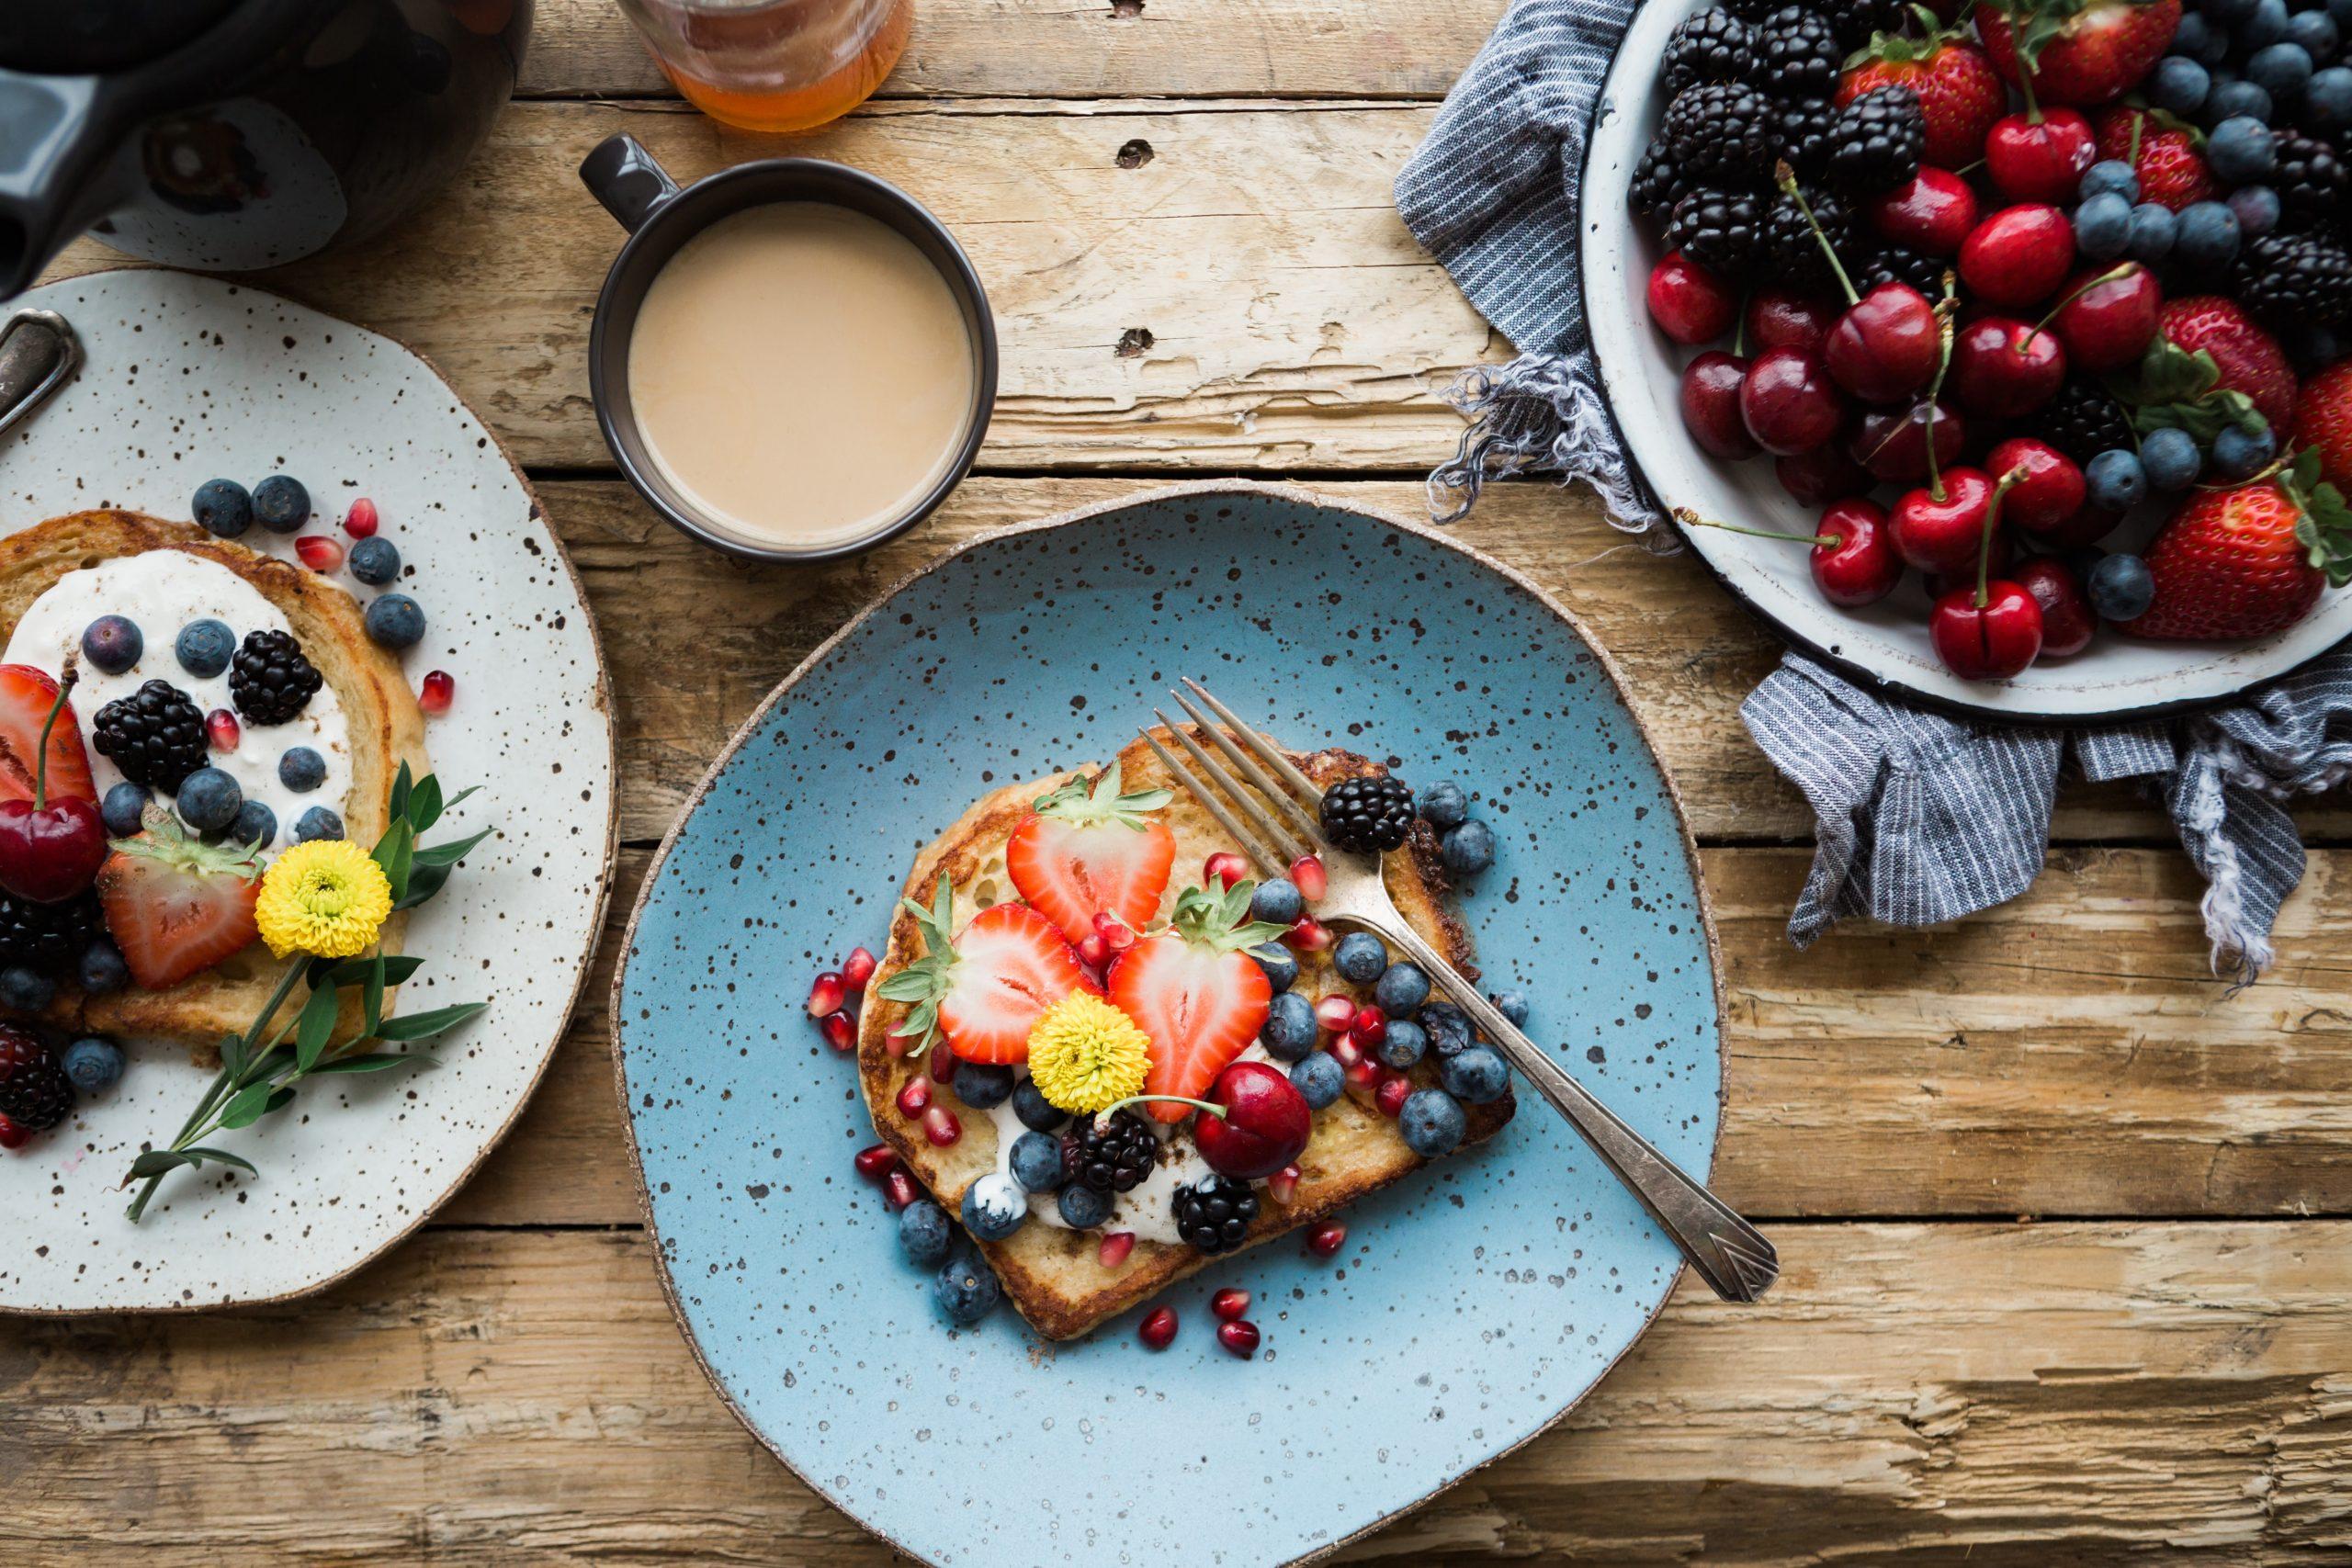 ¿Qué desayunar antes de hacer ejercicio?